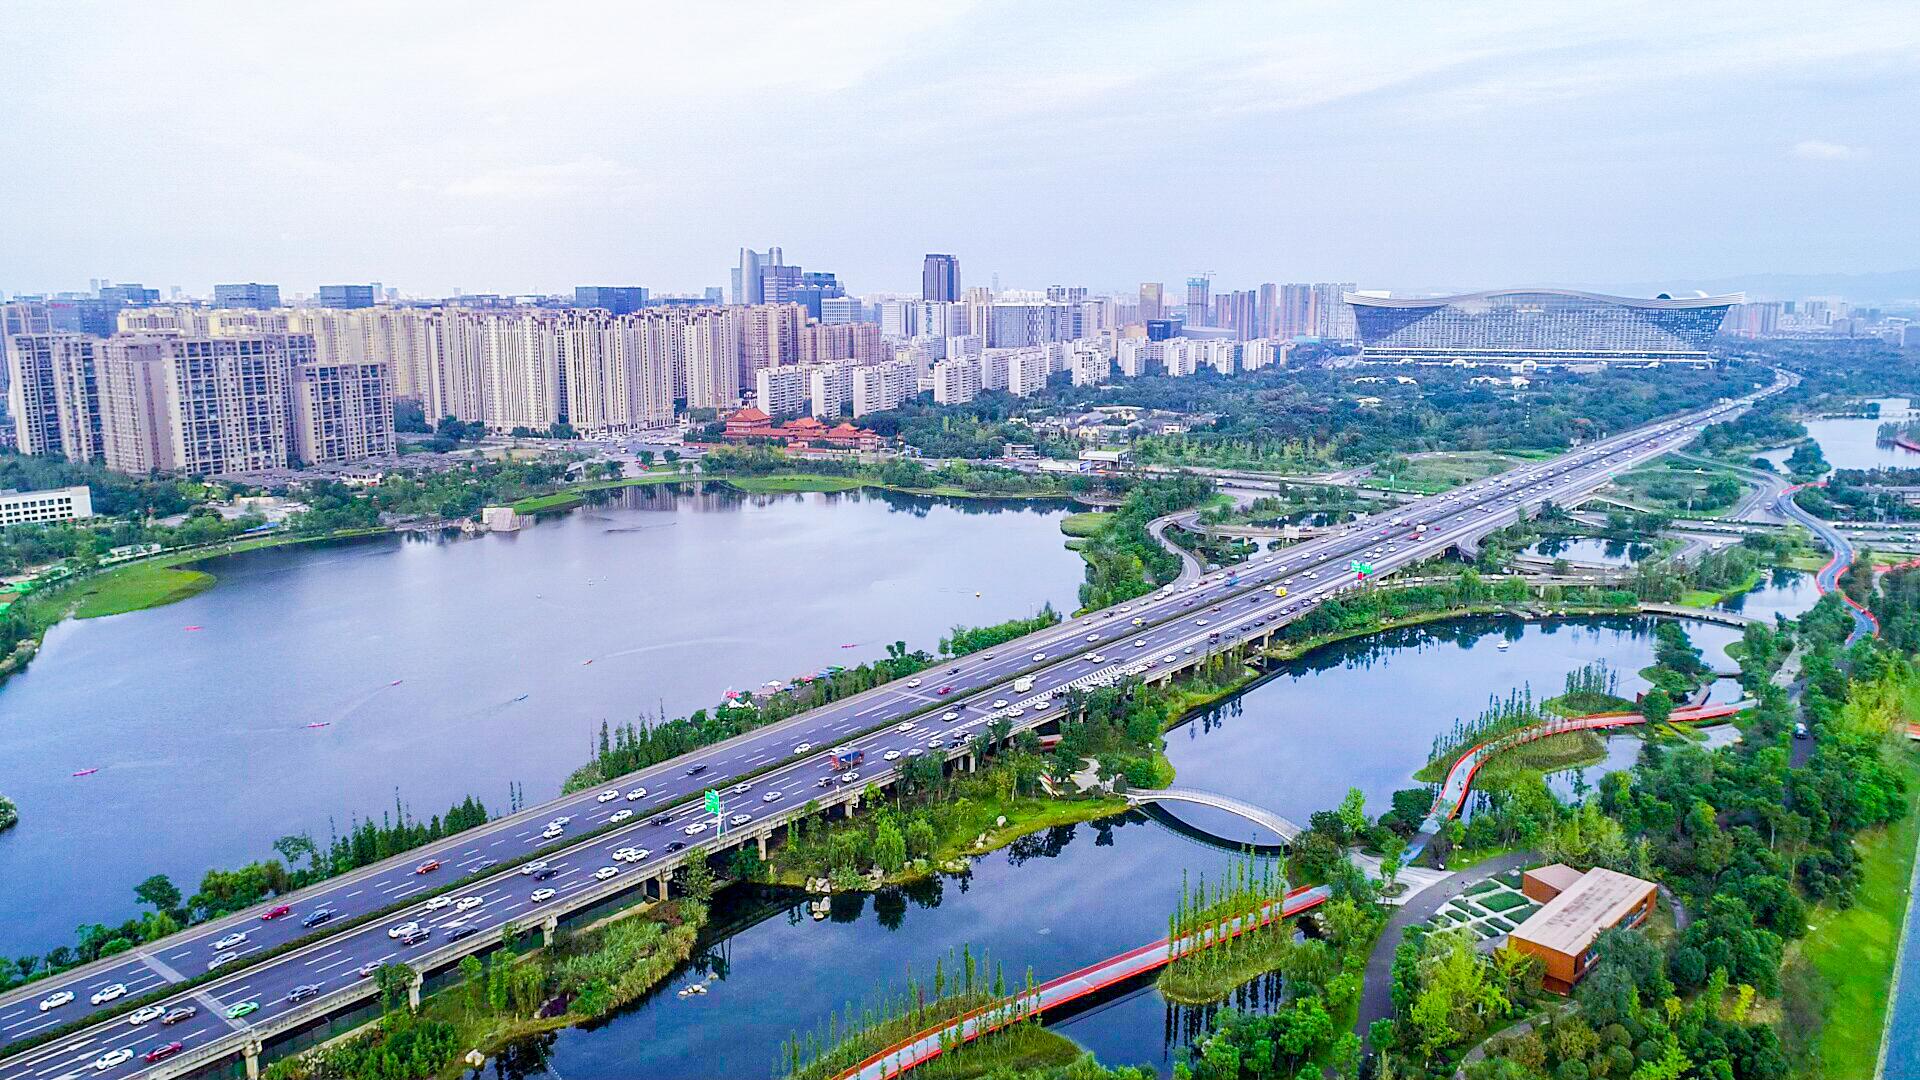 """大城市""""向""""大都市圈""""之变——李晓江解读成都市国土空间总体规划:体现了六大特点"""